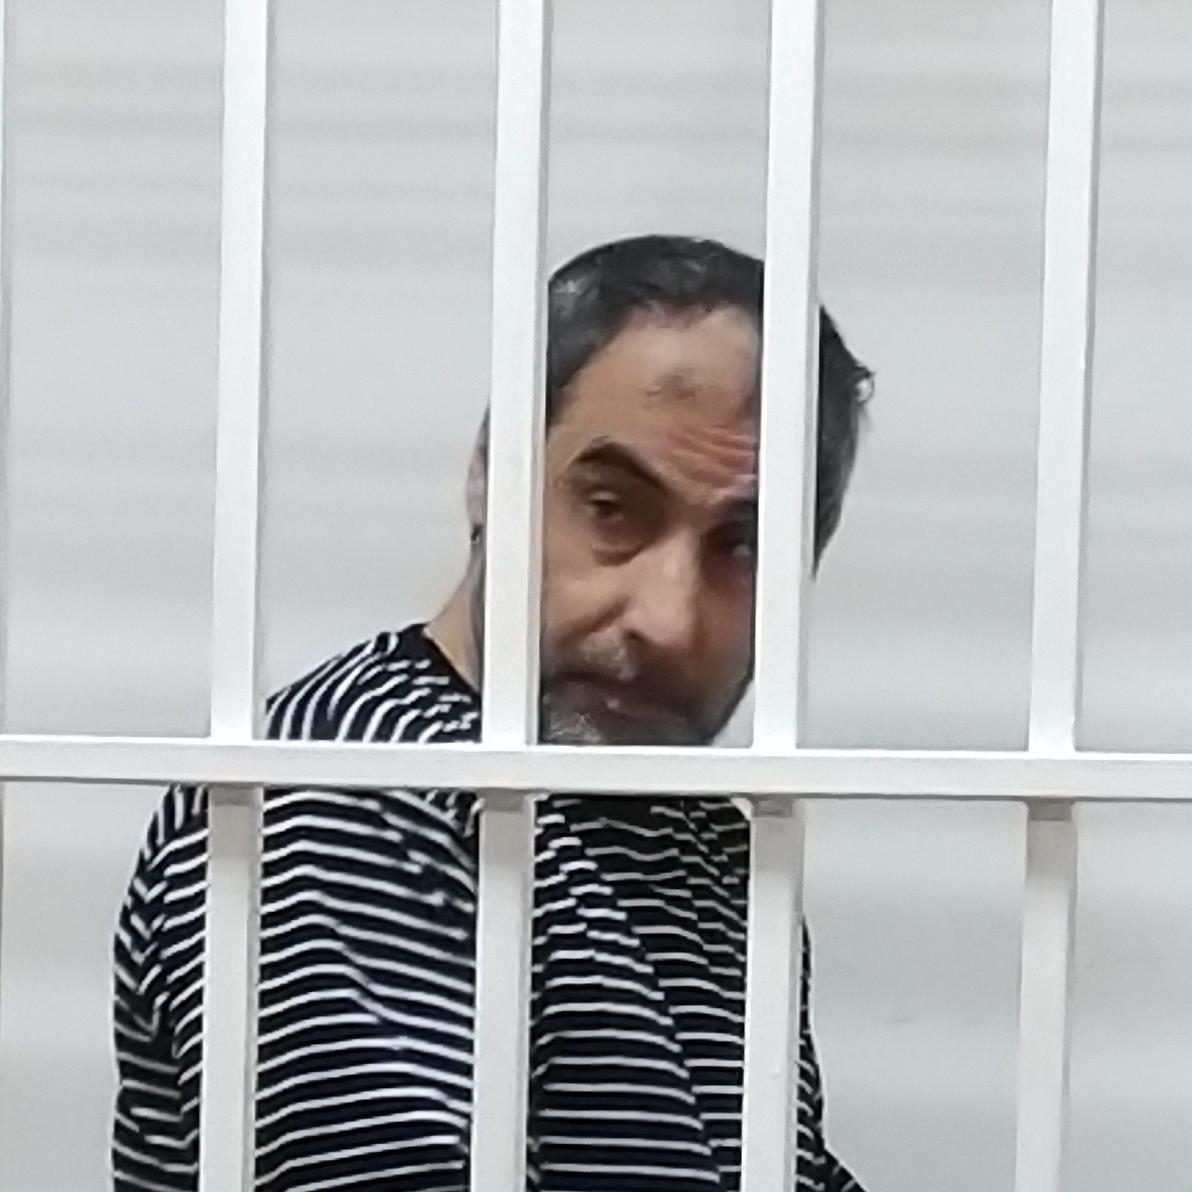 ССП считает политзаключённым жителя Дагестана Багавудина Омарова, обвиняемого в якобы руководстве ячейкой запрещённой «Ат-Такфир валь-Хиджра»